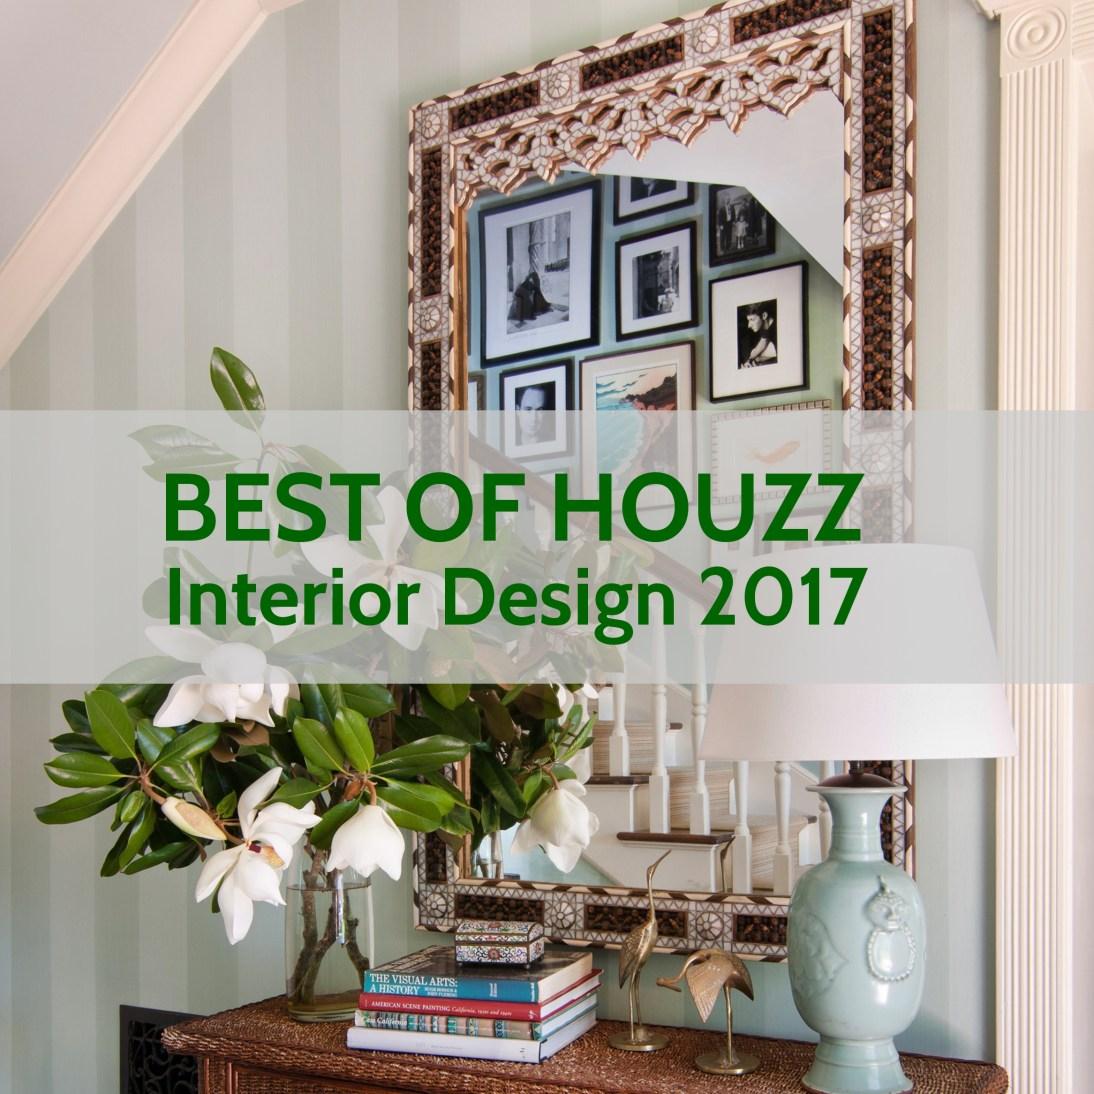 Best Of Houzz, Interior Design